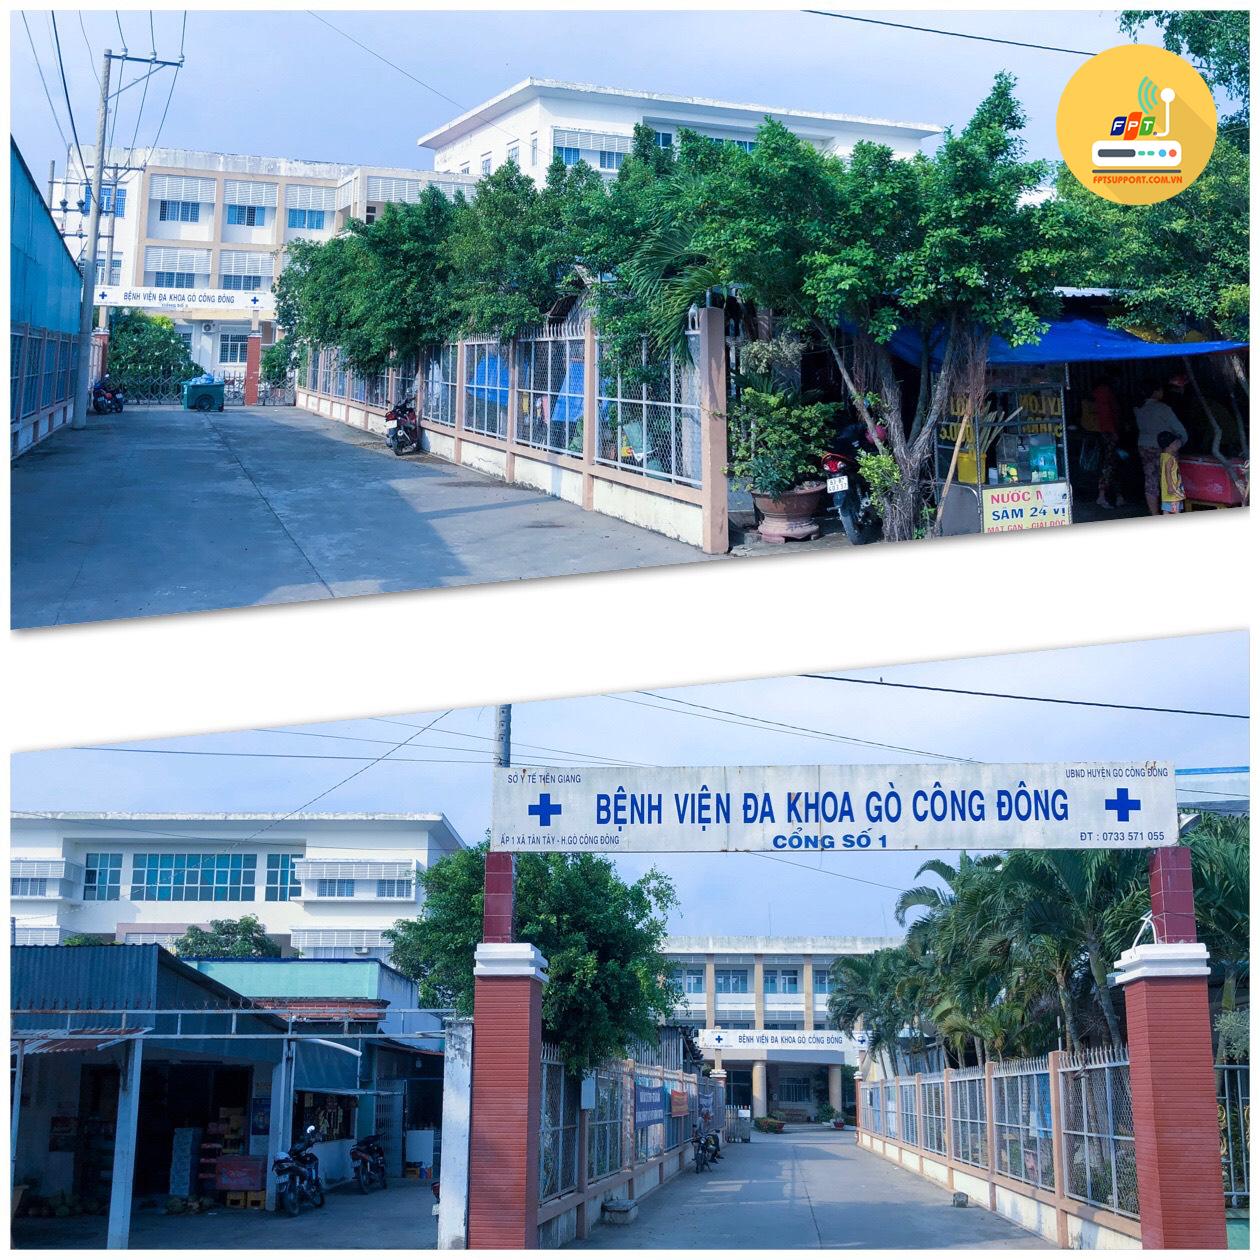 Bệnh viện đa khoa Gò Công Đông